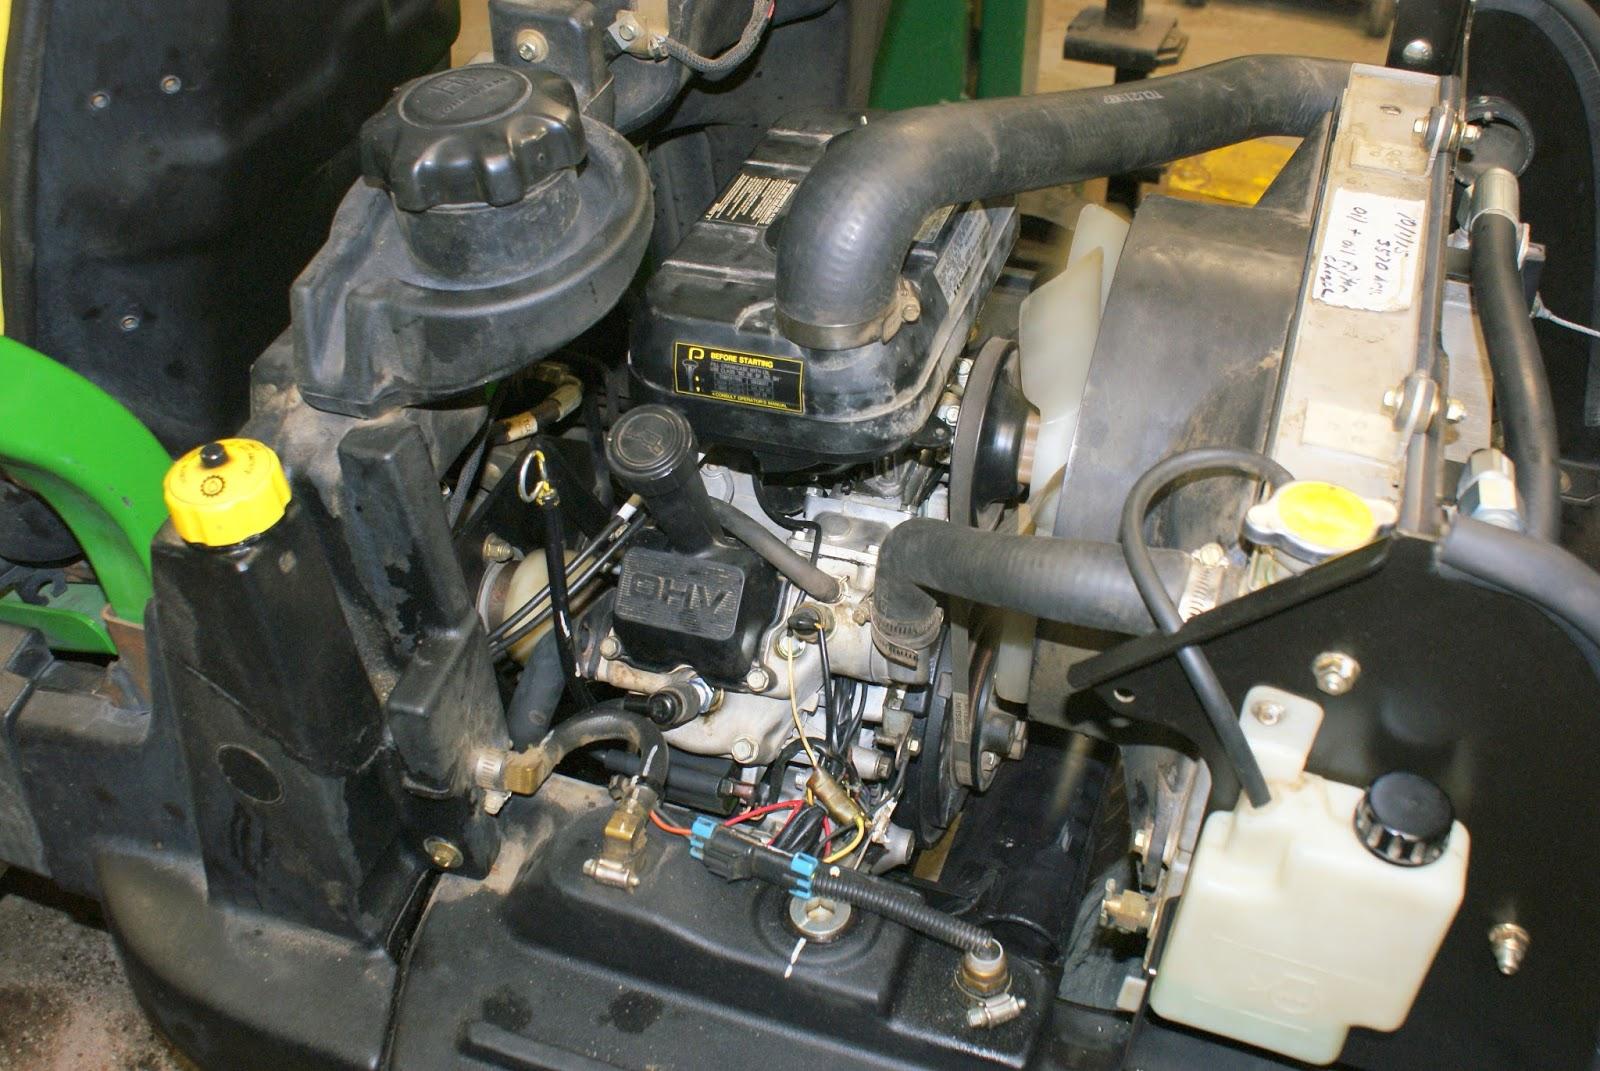 Kawasaki 620 wiring diagram mercury outboard 115 hp for Kawasaki outboard boat motors